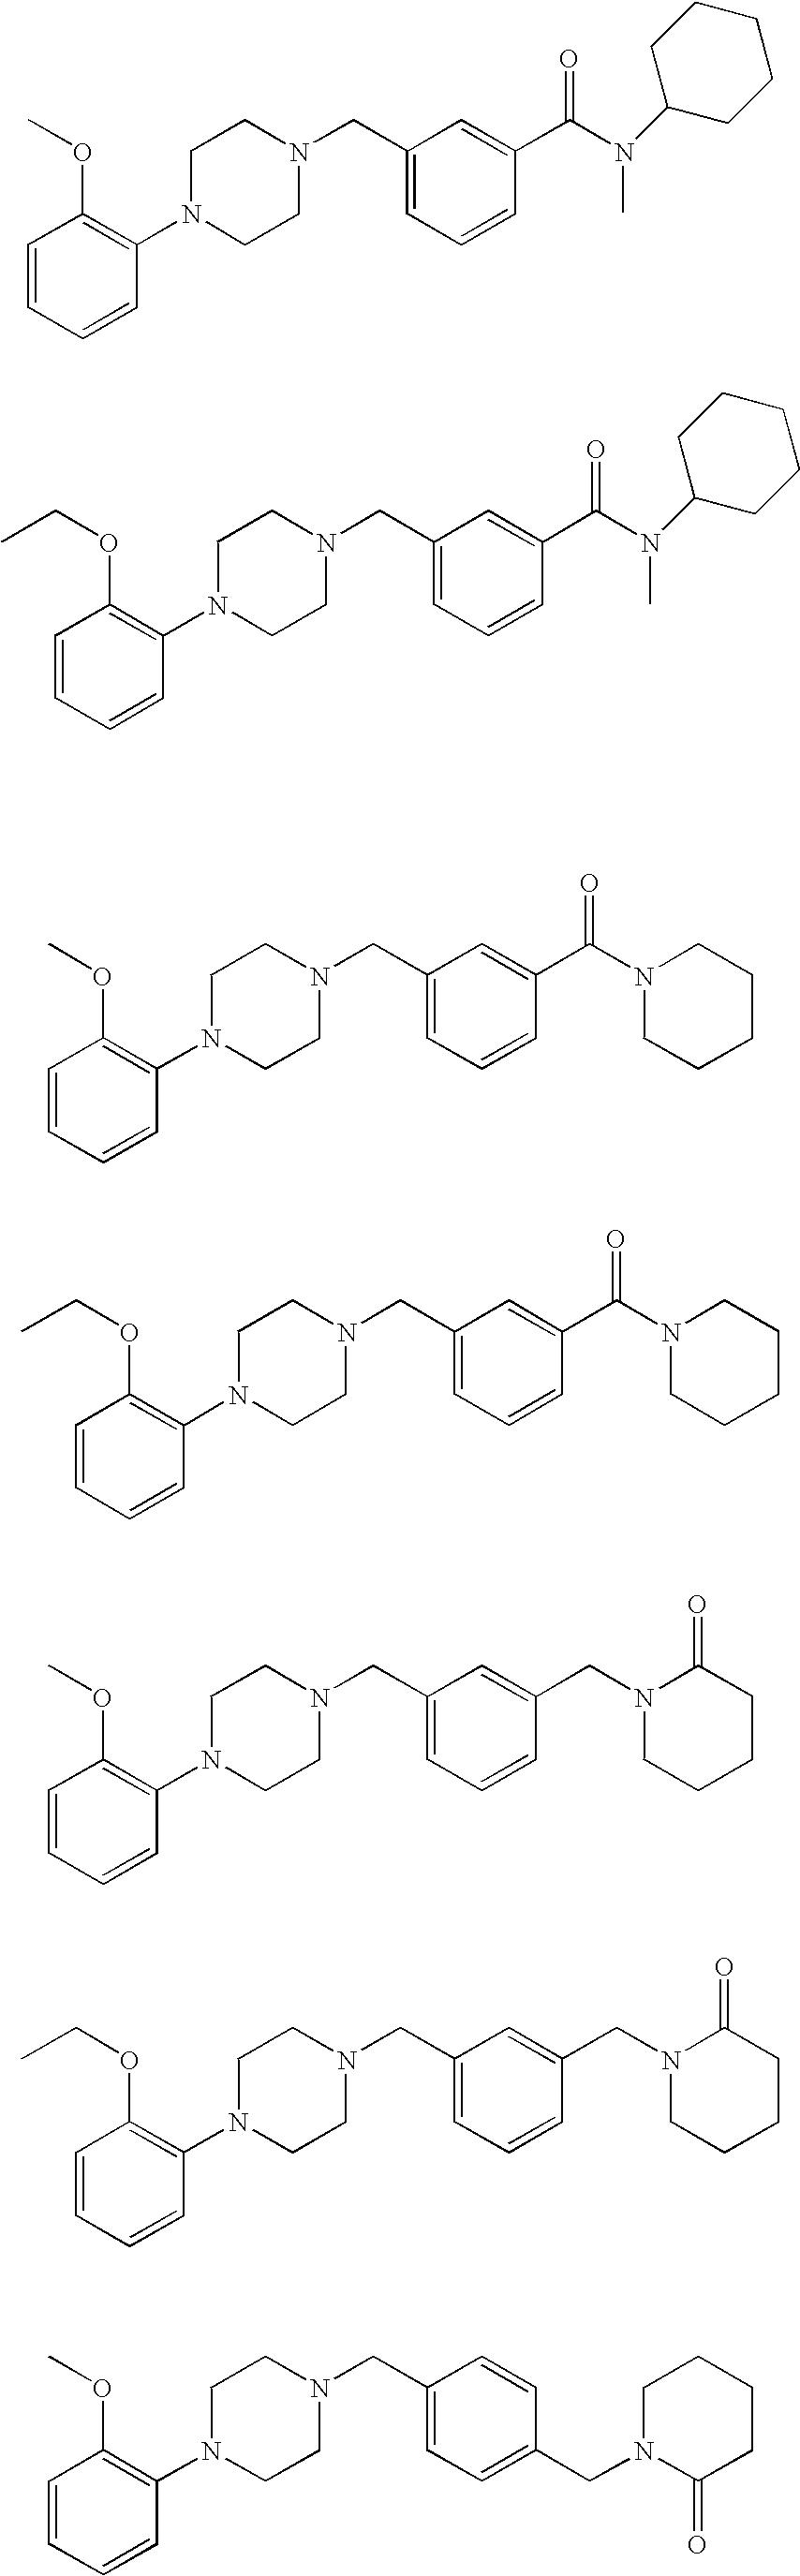 Figure US20100009983A1-20100114-C00199